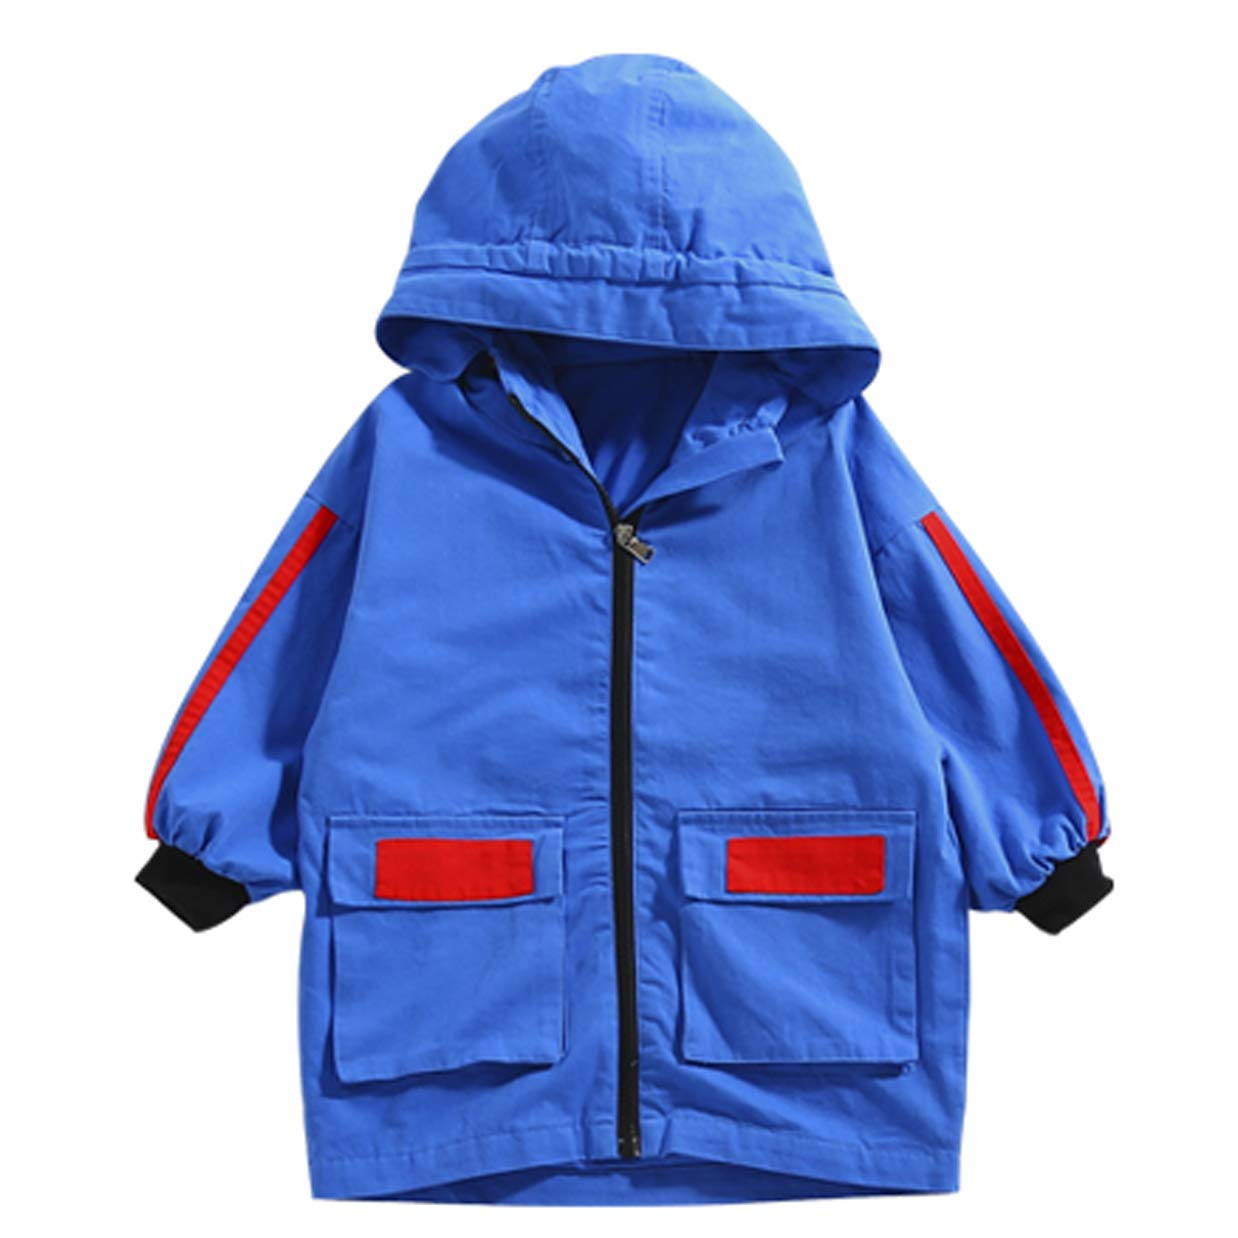 bleu  Garçon Sweat à Capuche Sweat-Shirt Garçon pour Décontracté Enfant à Capuche encapuchonné Sweatshirt 4-10 Ans